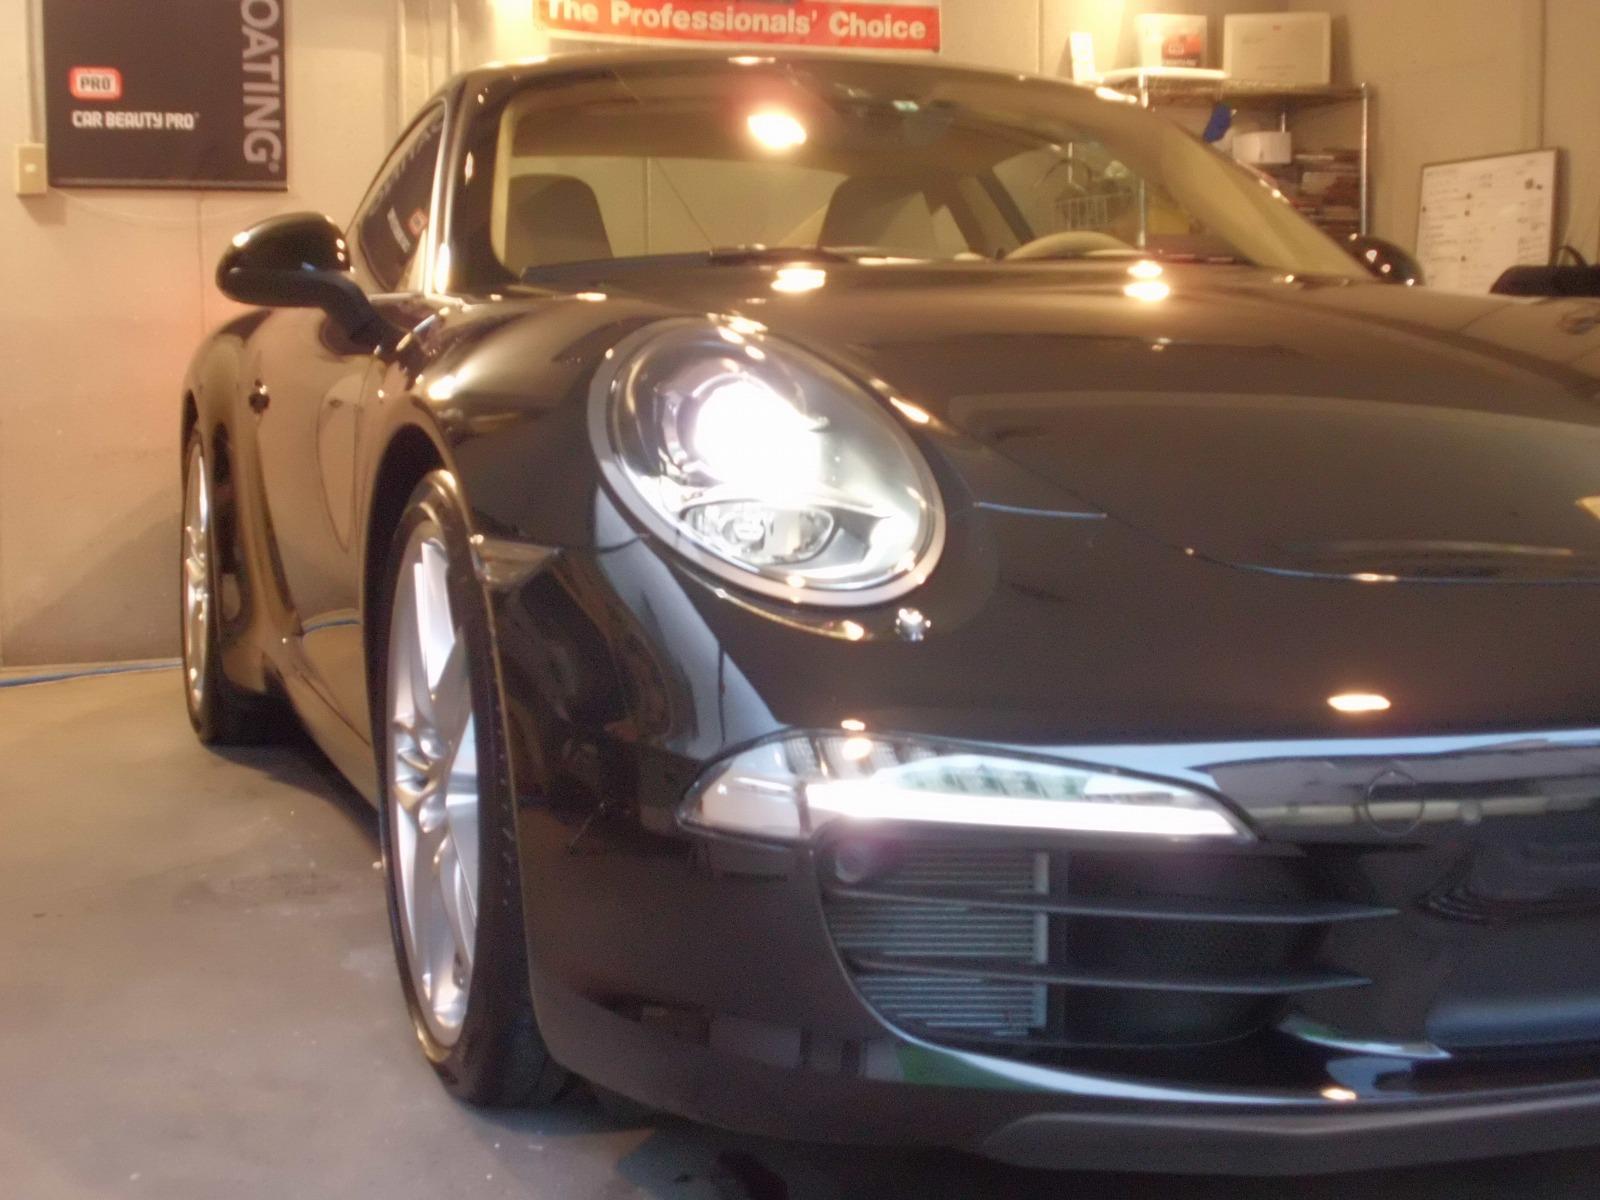 20141003-porsche-911-carreras-02